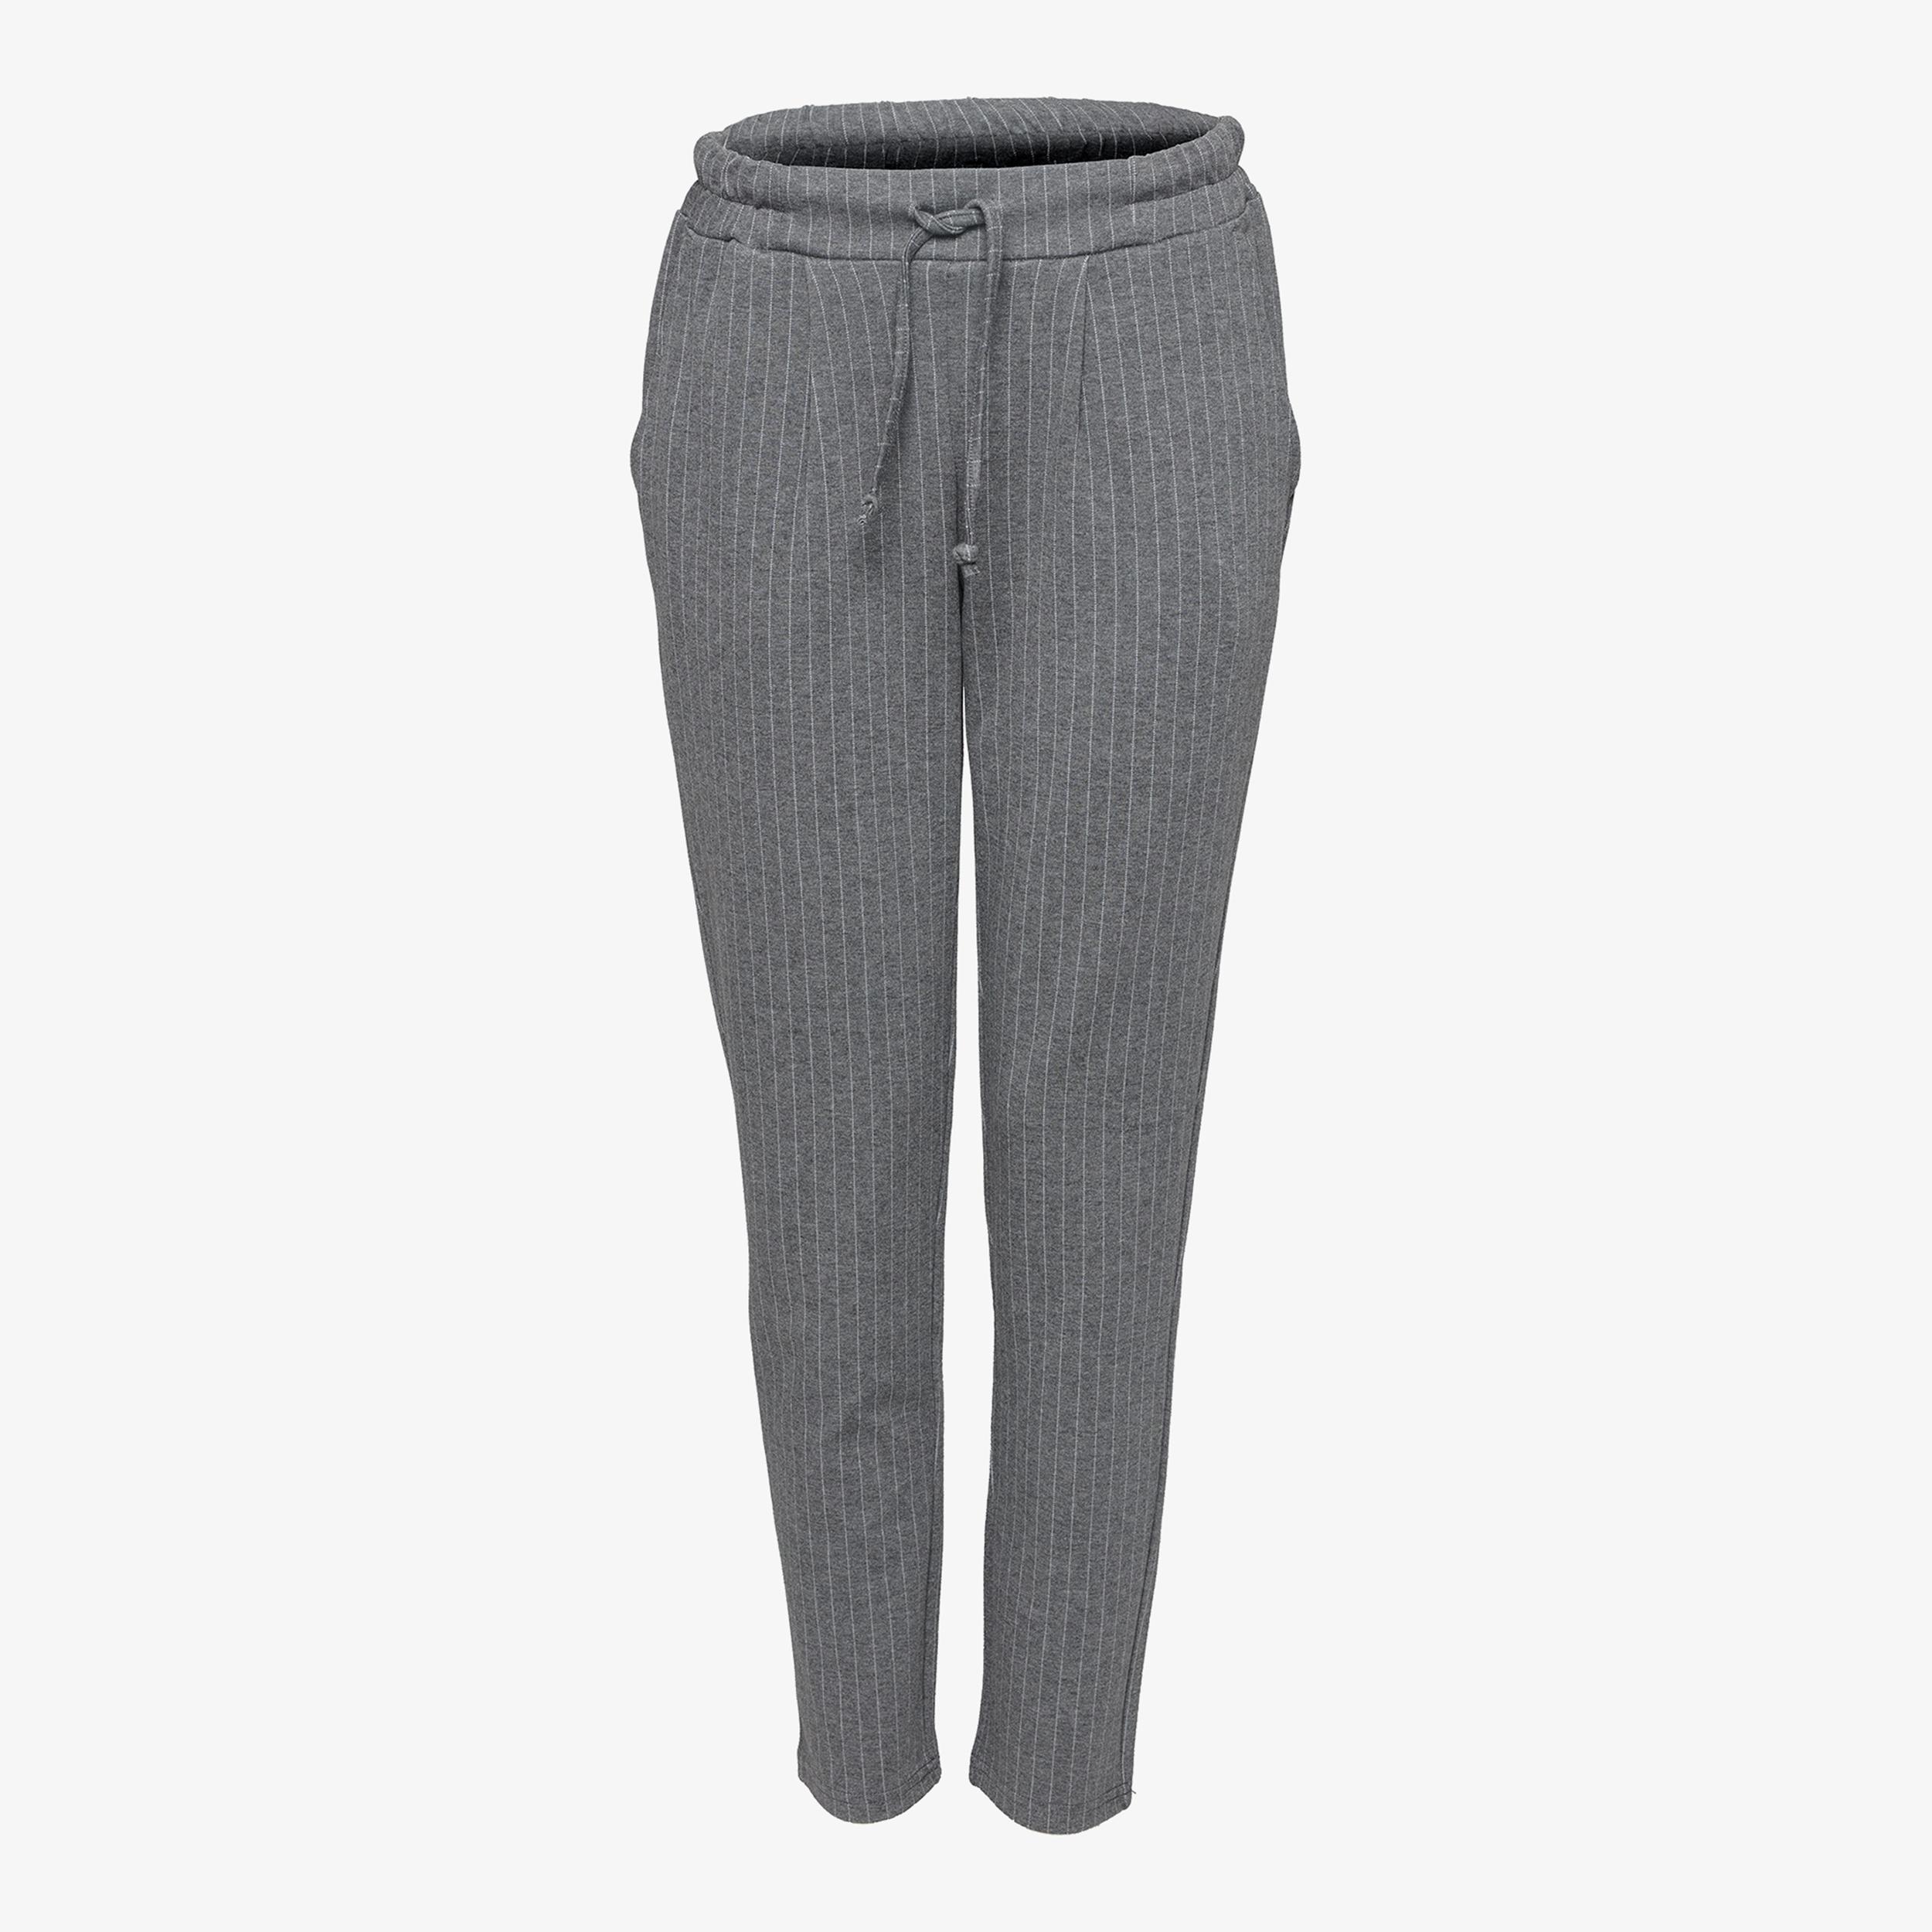 Spiksplinternieuw Jazlyn dames krijtstreep broek online bestellen | Scapino DU-23